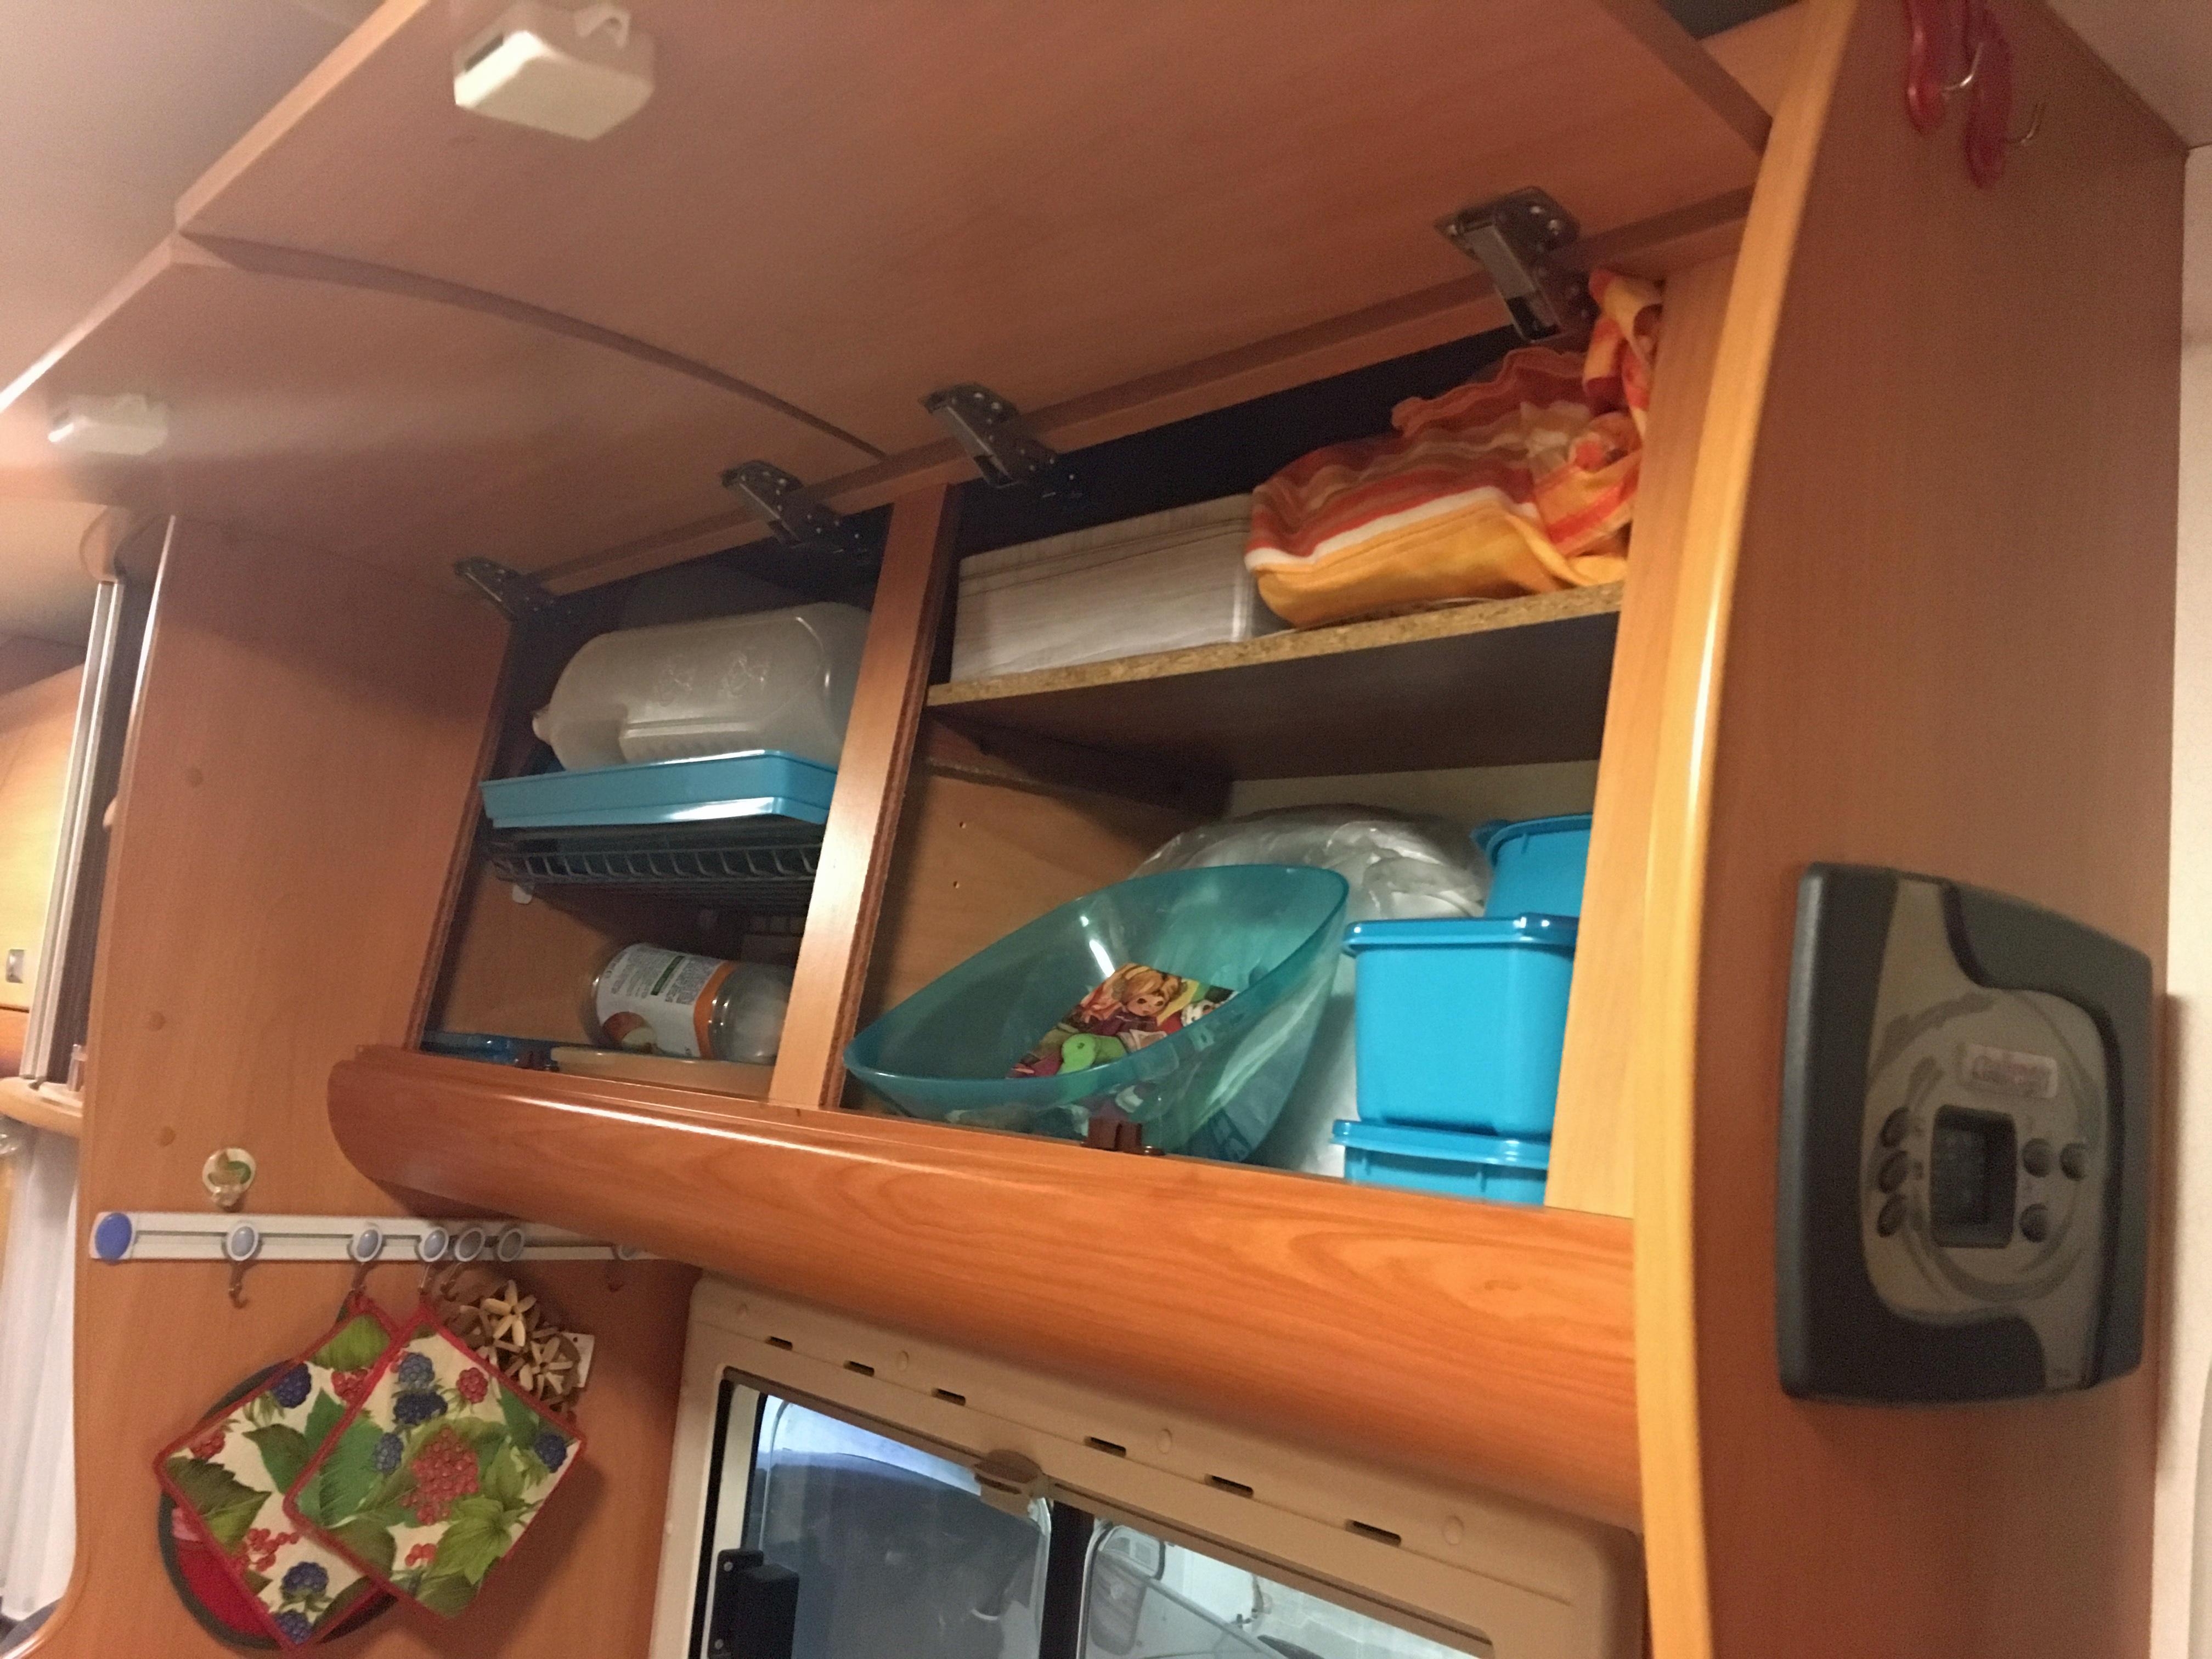 In Camper Viaggio Organizzare Mamma Spazio Lo oshdQtrCBx